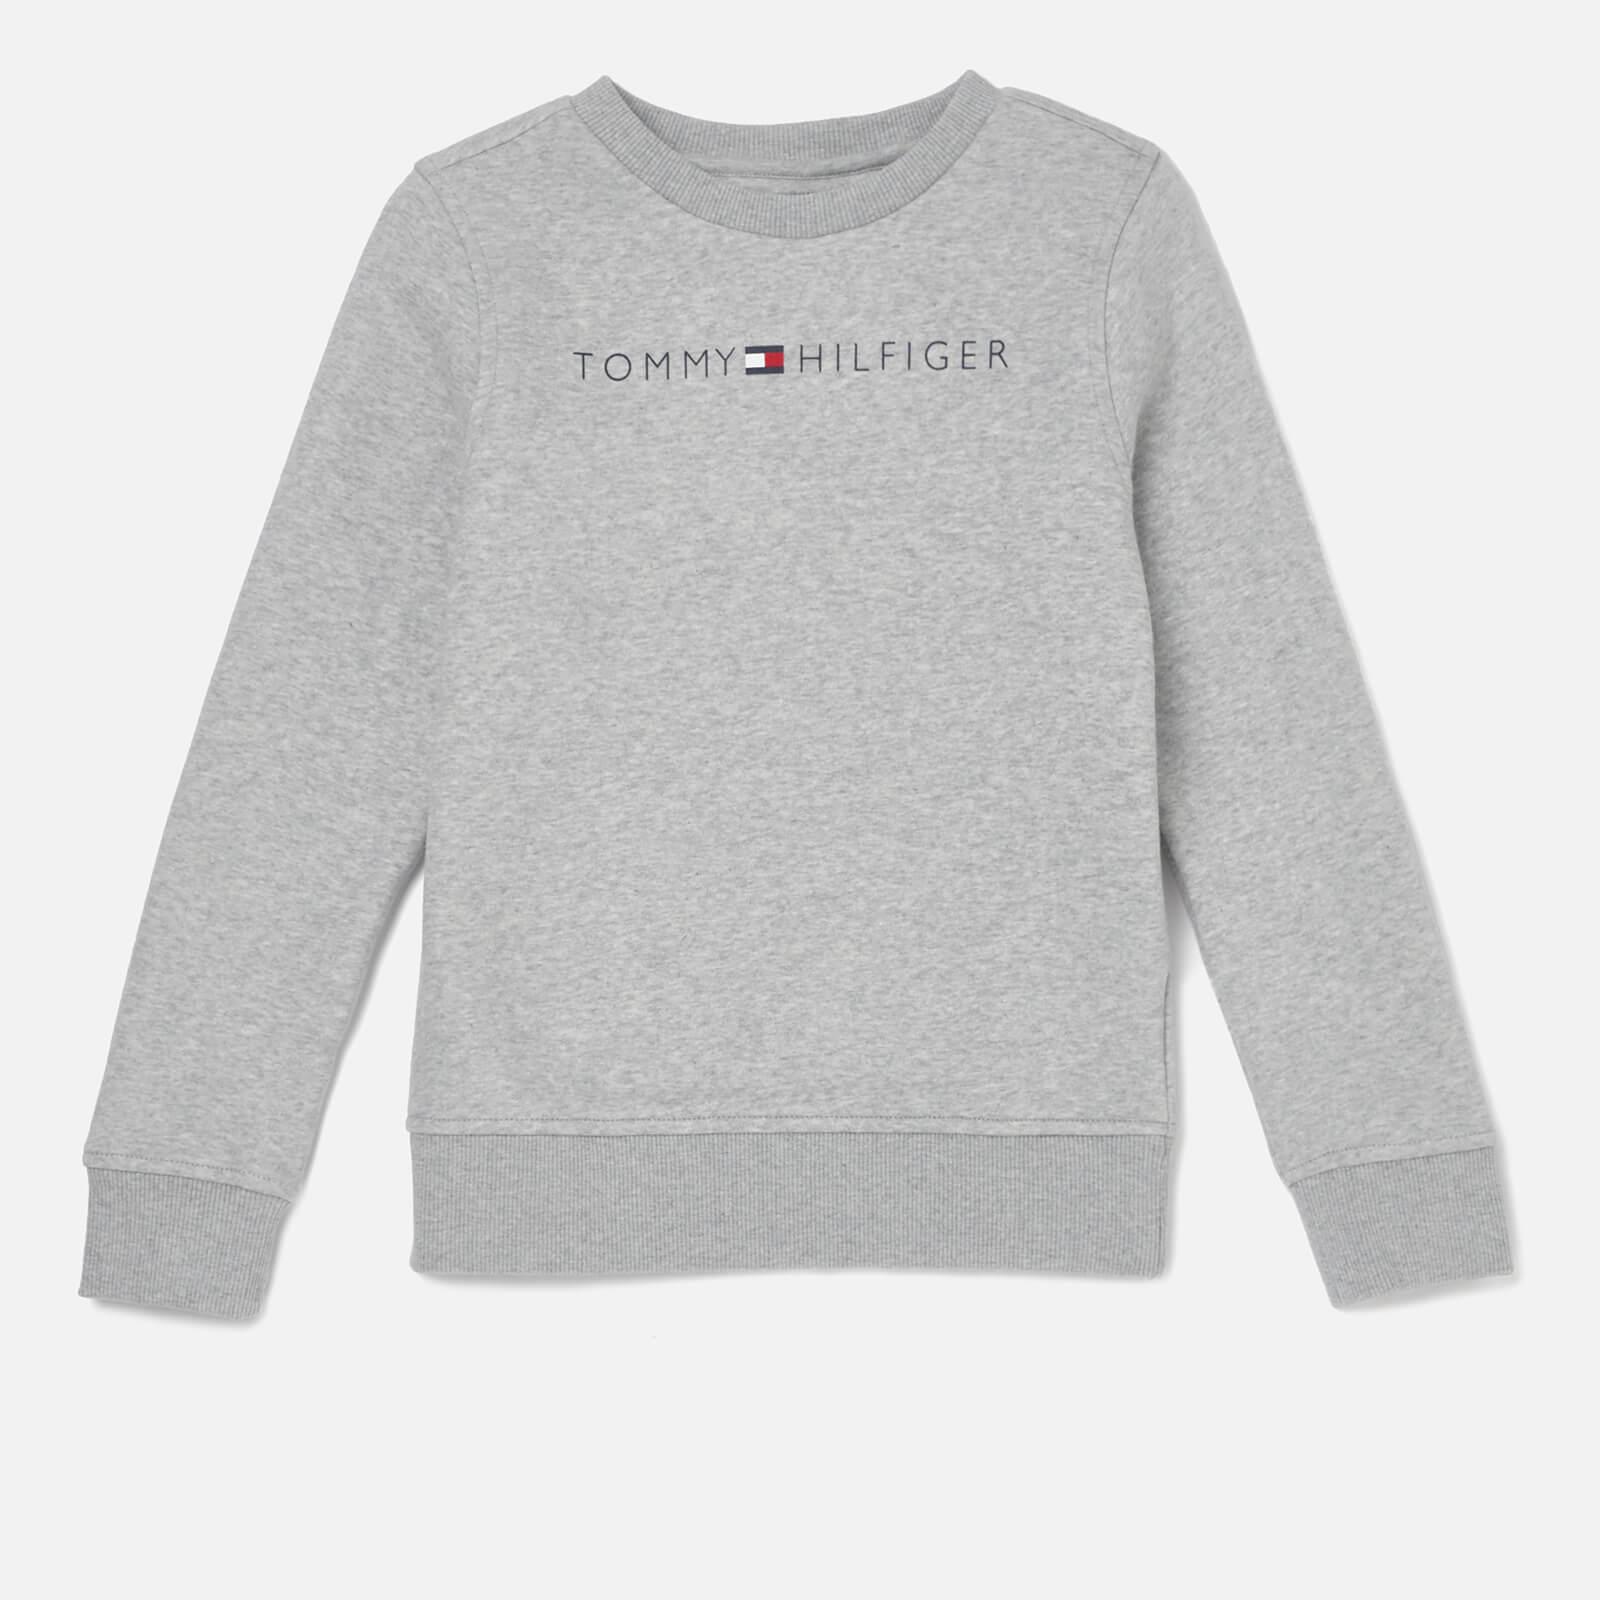 Schatz als seltenes Gut einzigartiger Stil Luxus kaufen Tommy Hilfiger Boys' Essential Tommy Logo Sweatshirt - Grey Heather